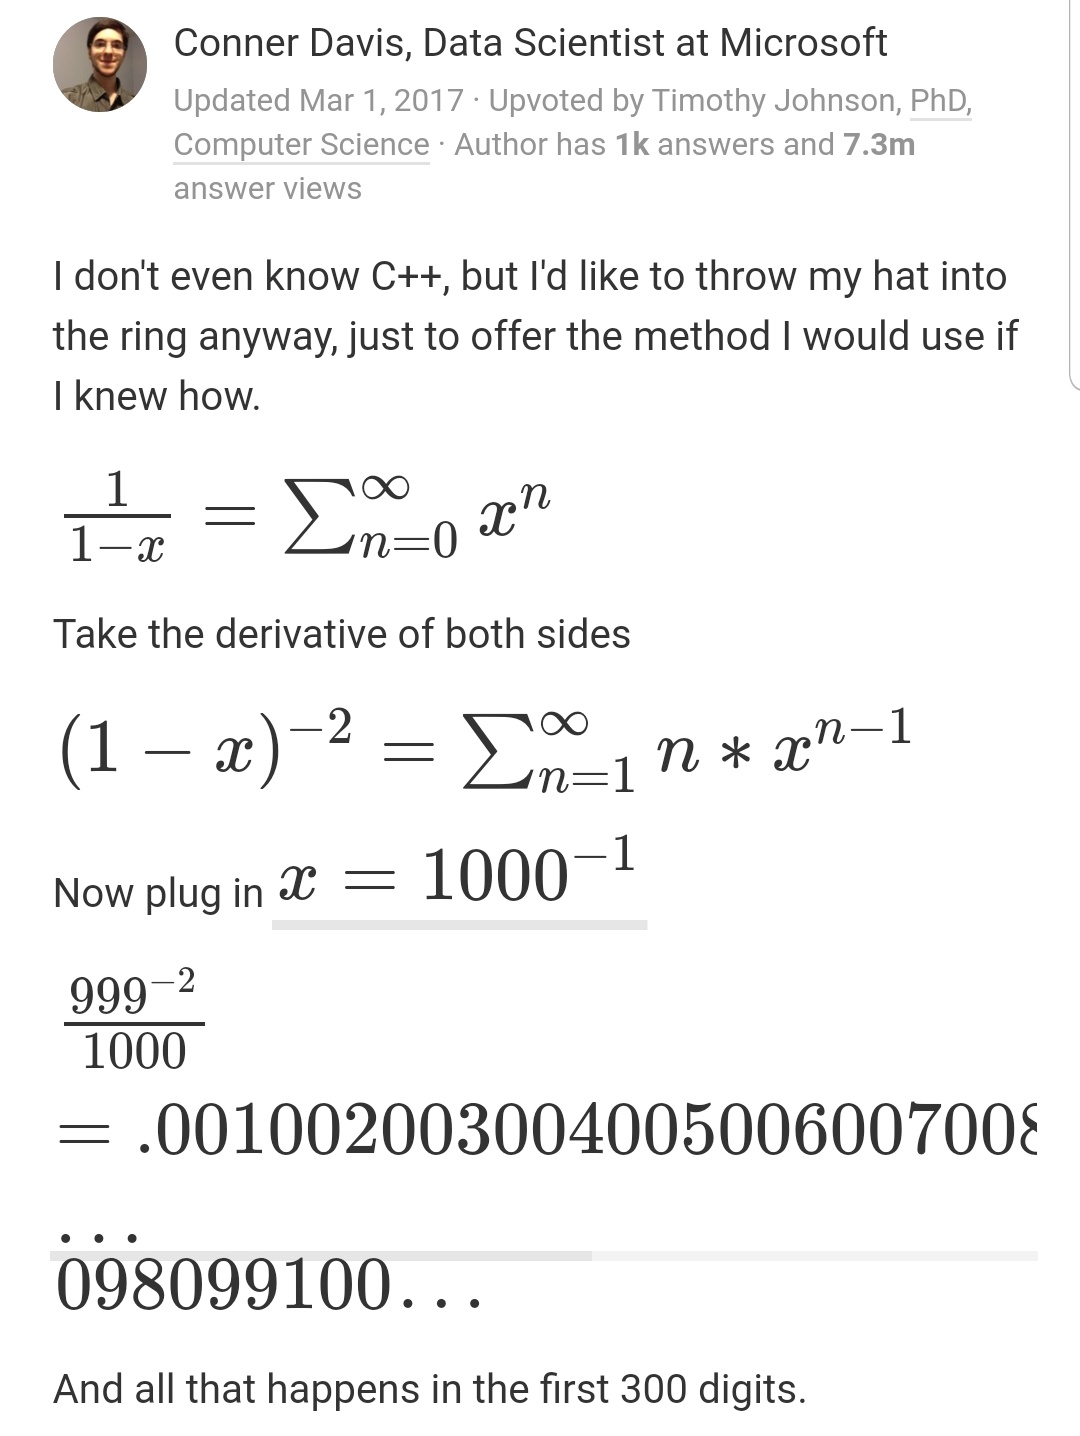 ループを使わずに1から100までを出力する方法が天才的すぎる!!